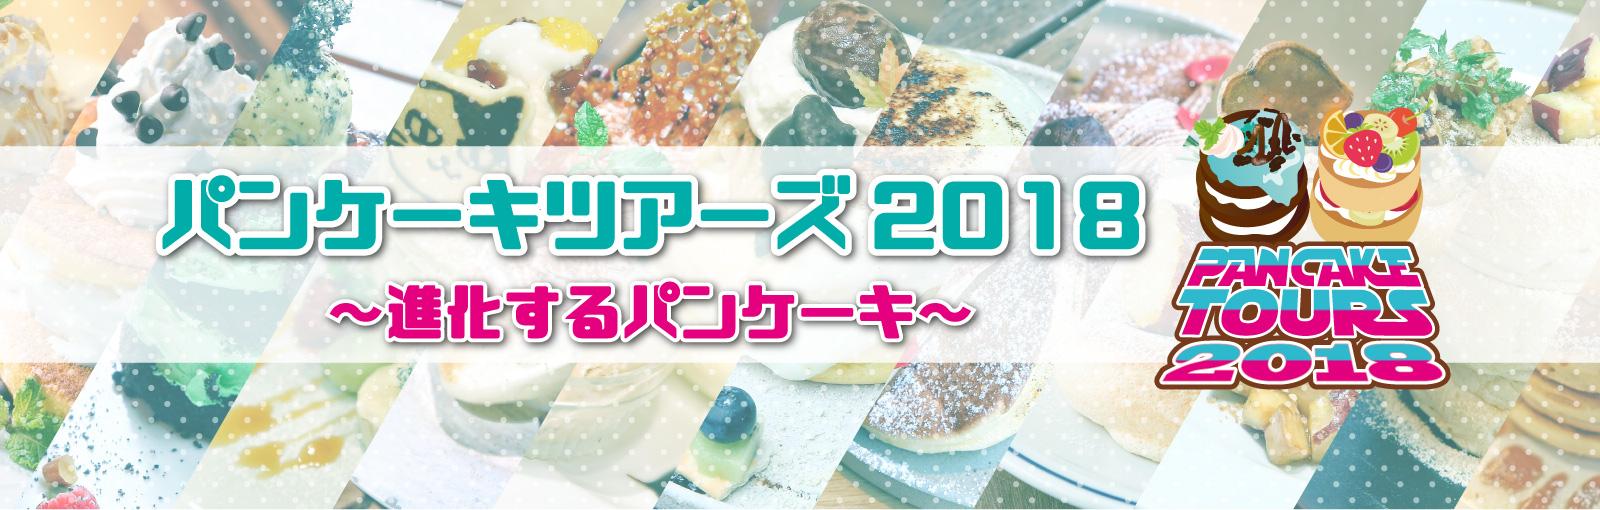 パンケーキツアーズ2018~進化するパンケーキ